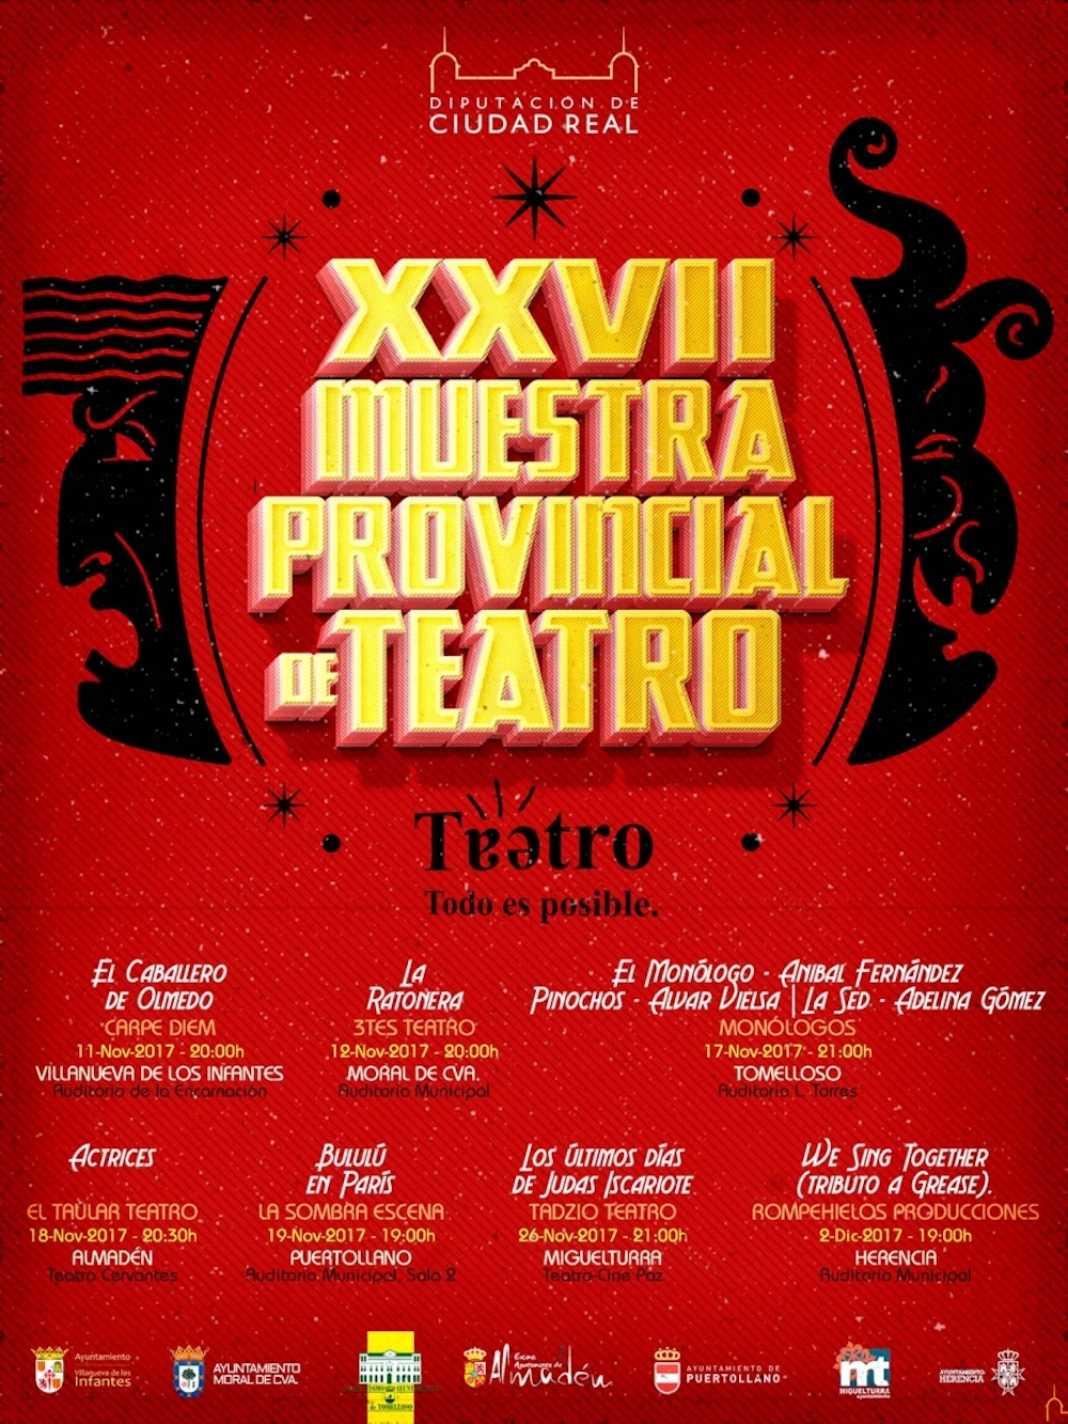 XXVII Muestra Provincial de Teatro de la Diputación concluirá en Herencia 7